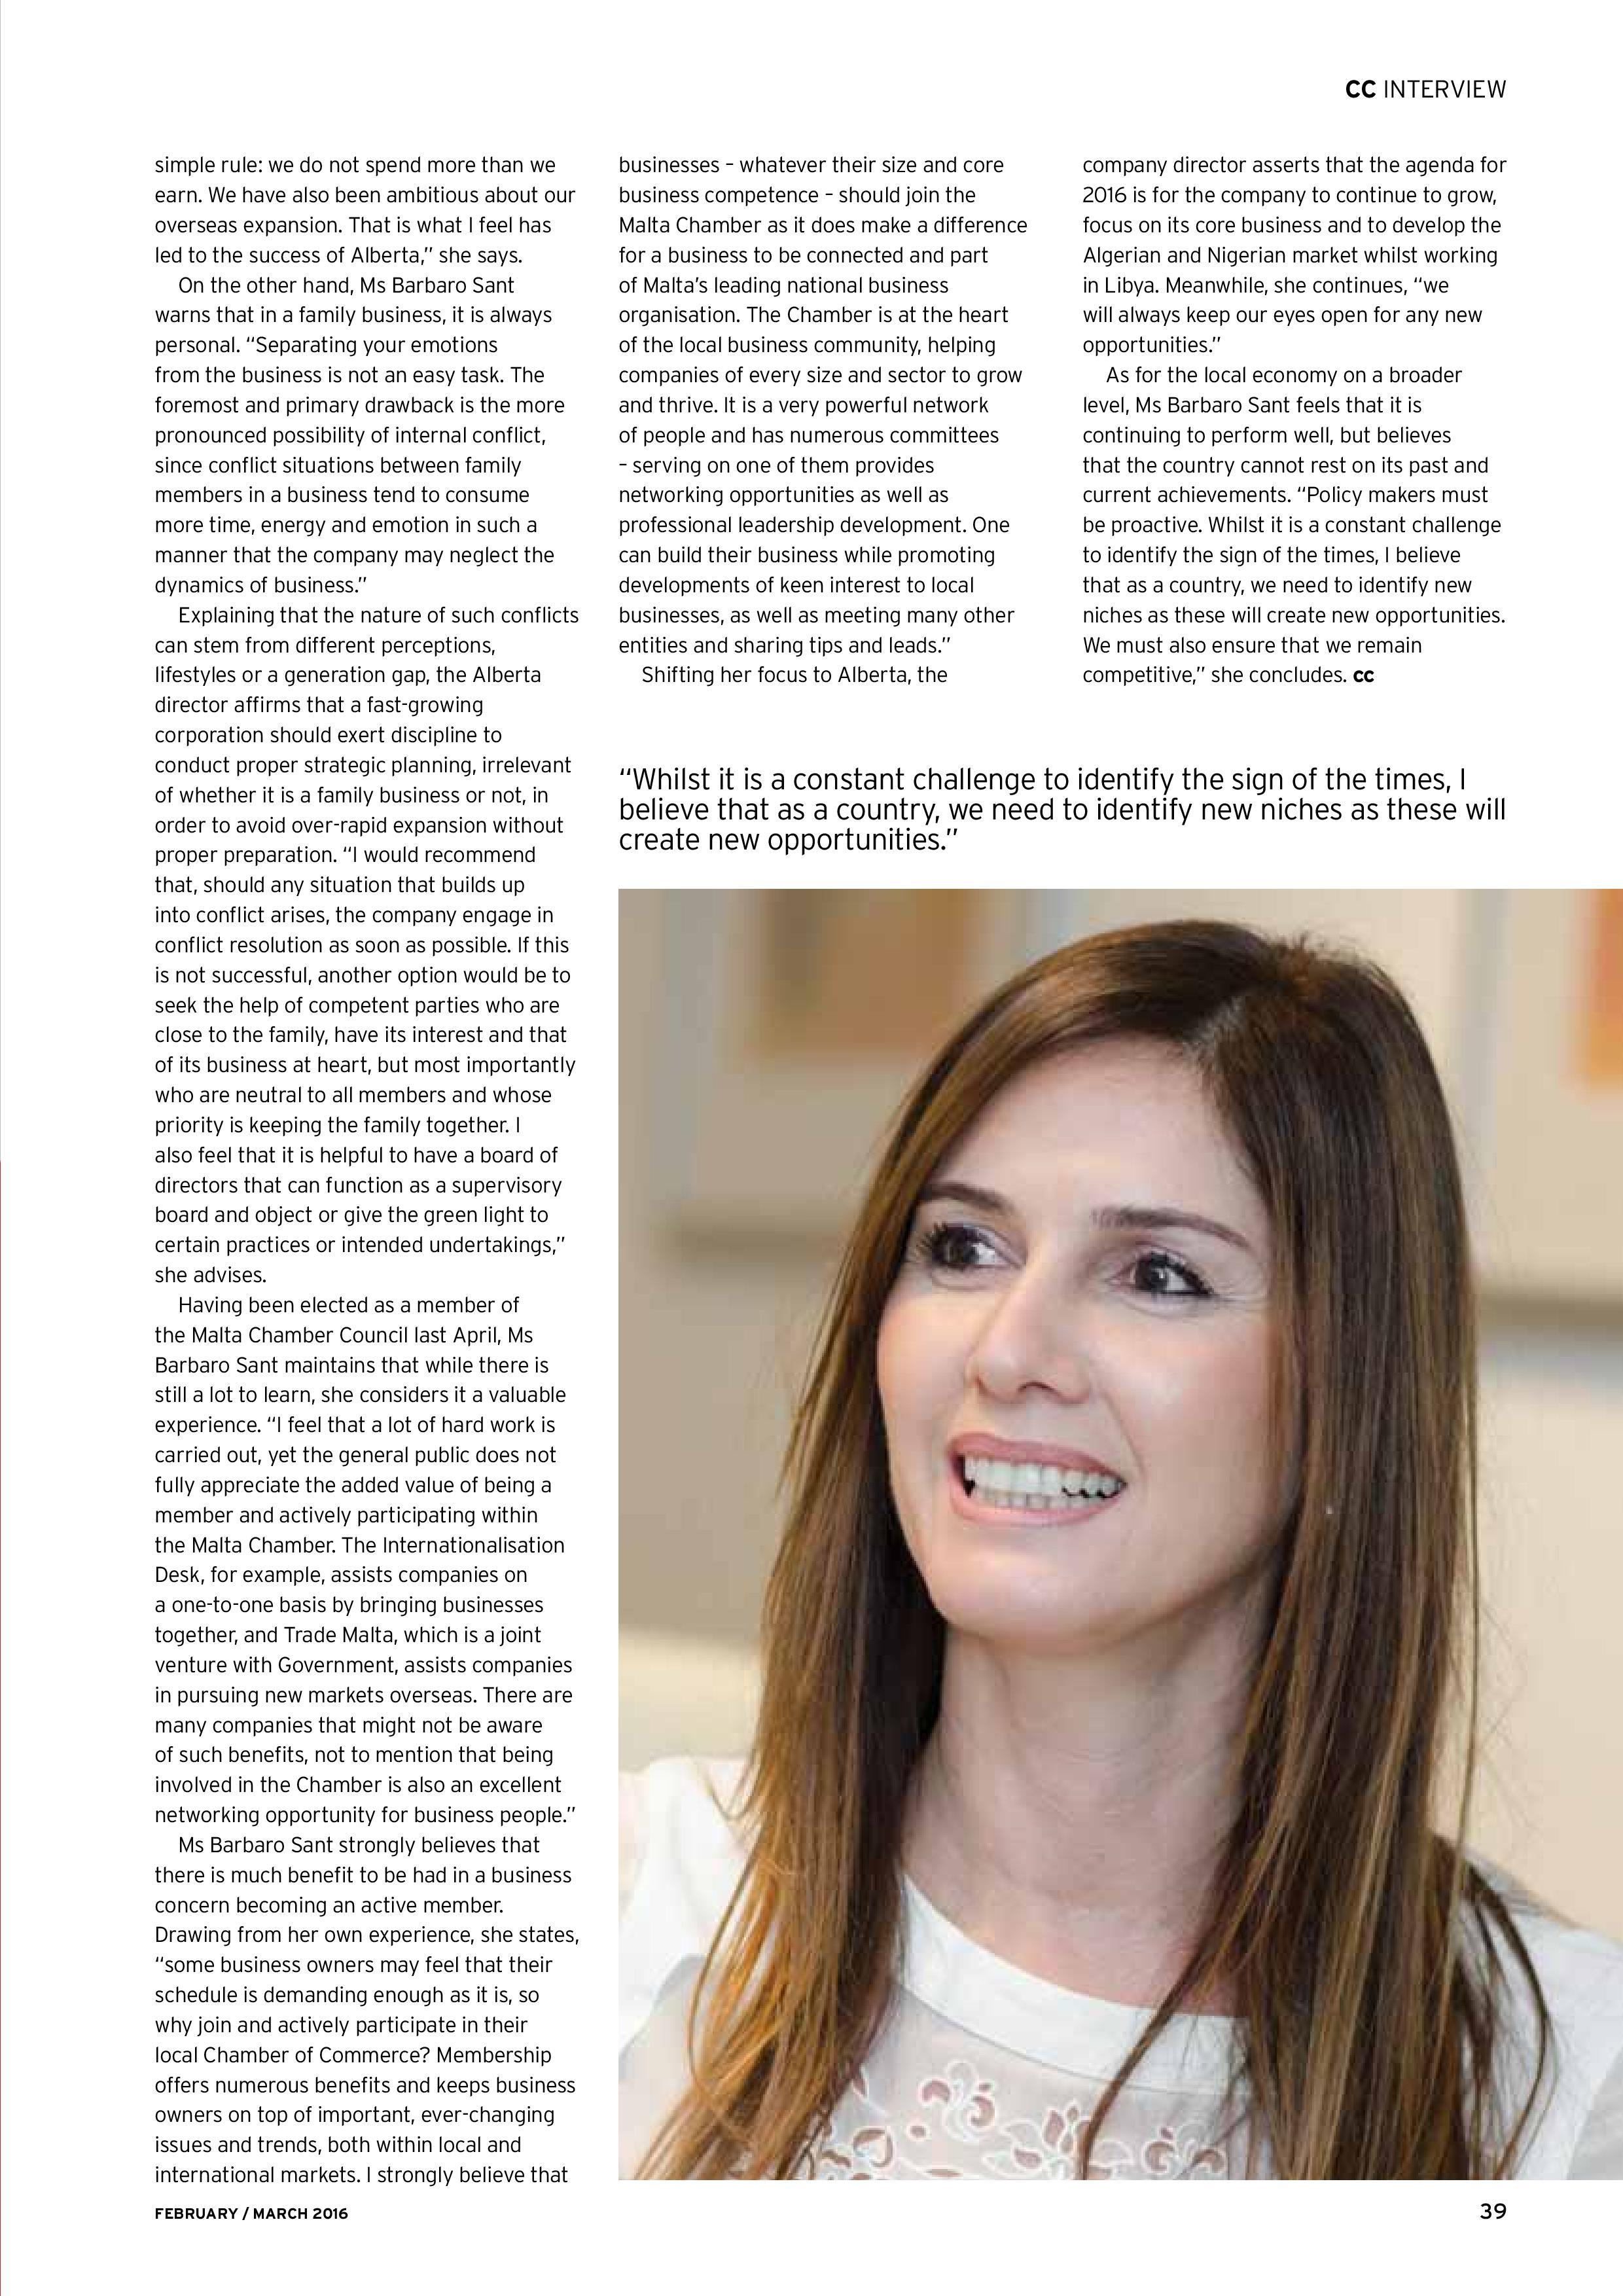 CC Feb-Mar - Liz Barbaro Sant-page-003